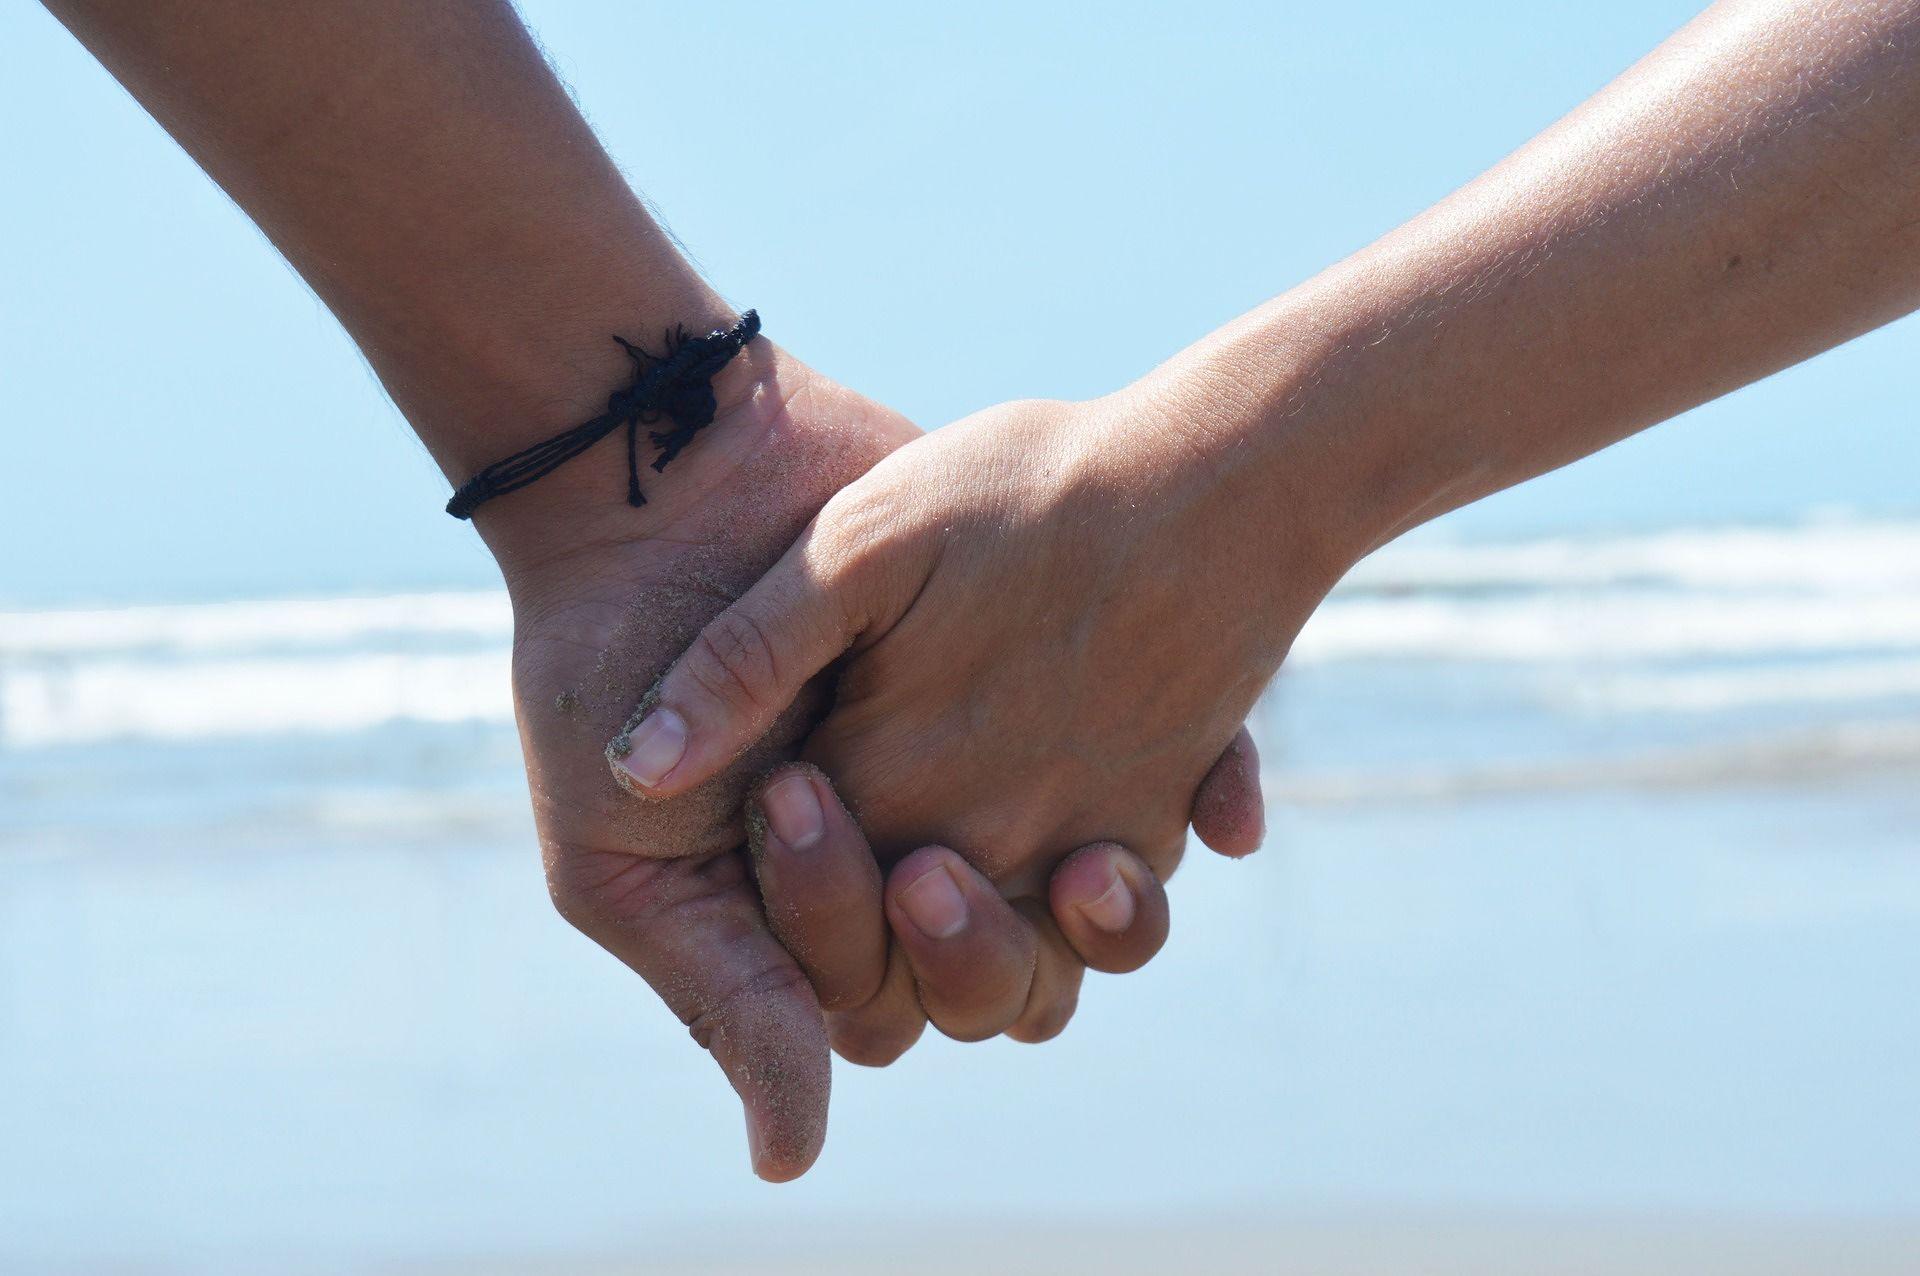 Dammi la mano e stringimi forte